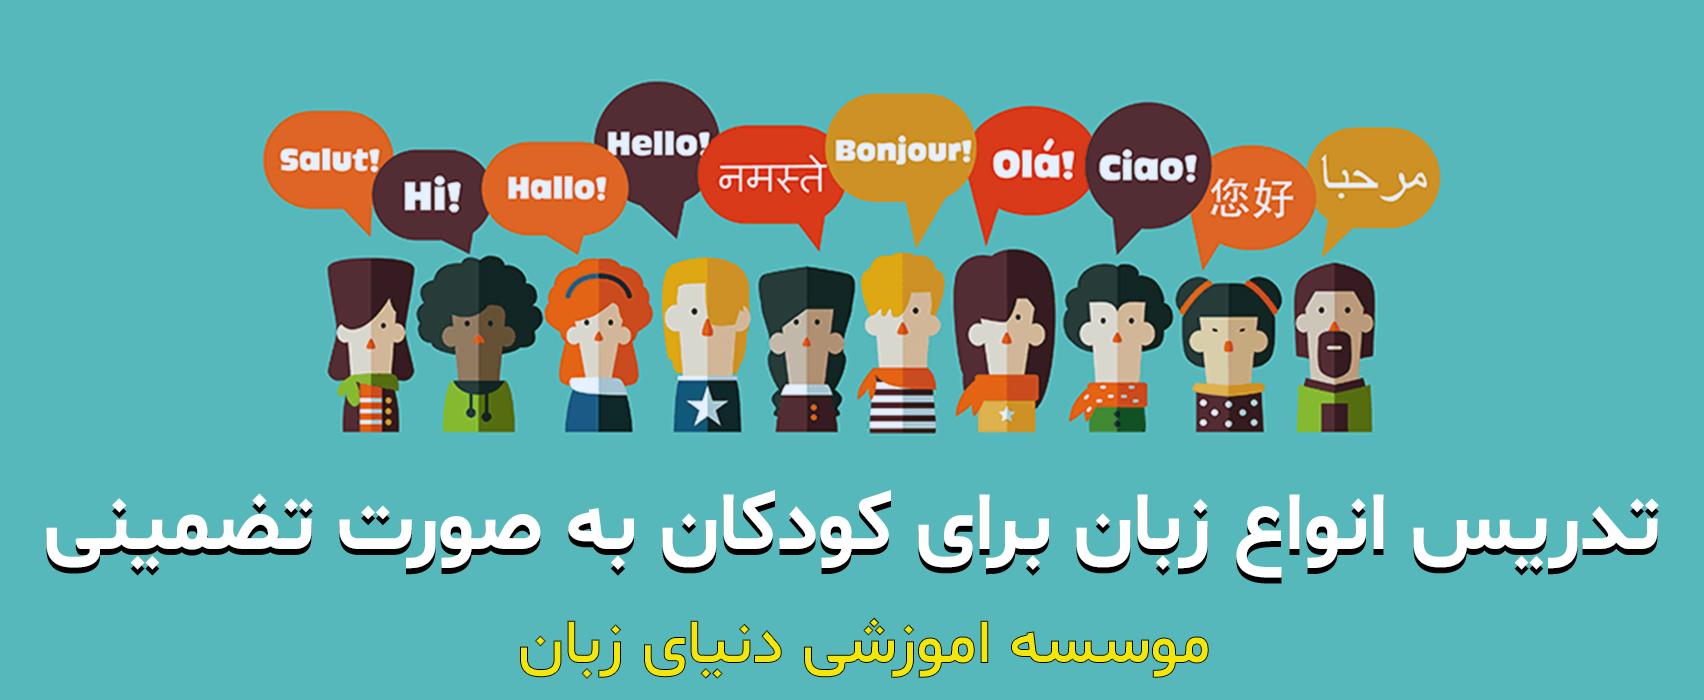 زبان ایتالیایی و المانی برای کودکان